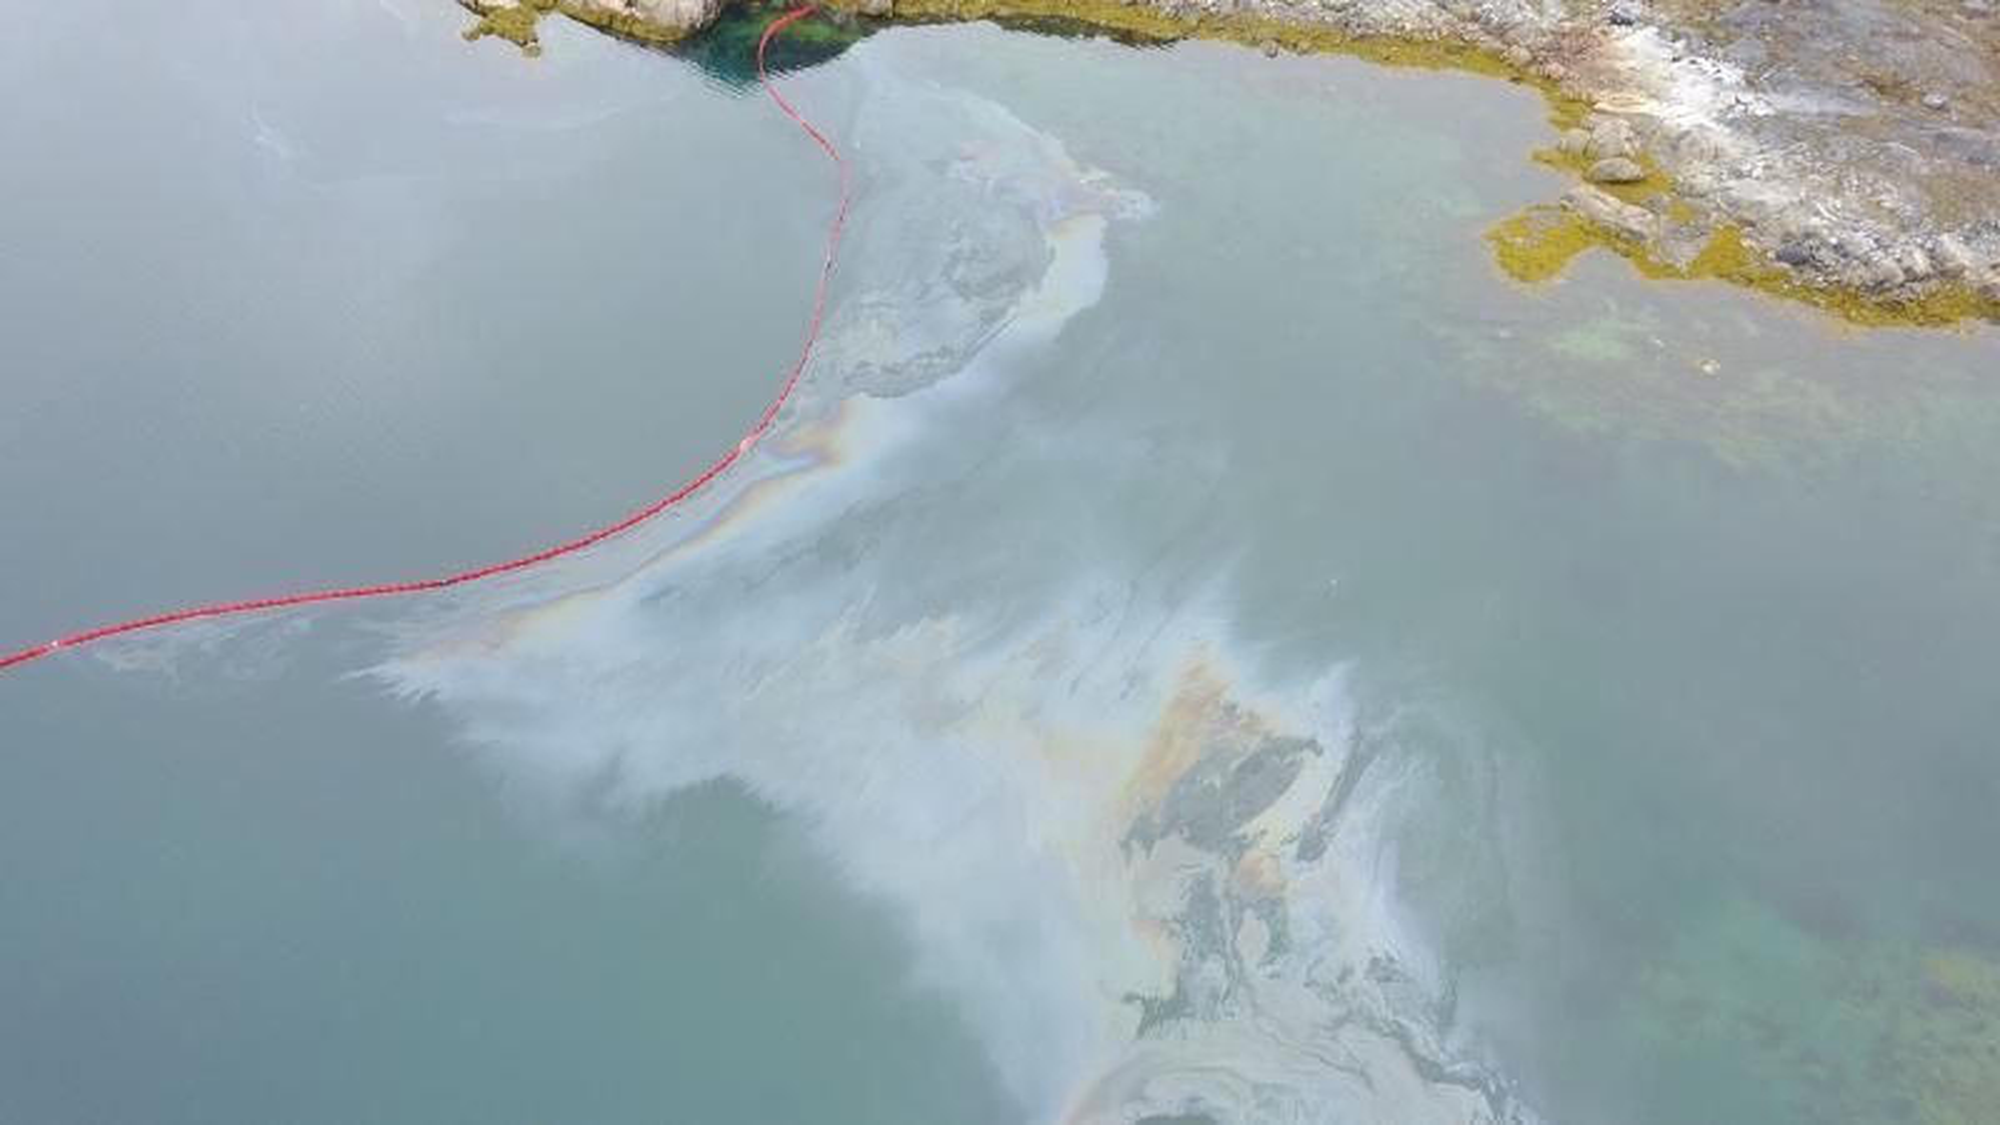 Sommeren 2017 utførte forskere fra Aarhus Universitet et eksperiment med oljeutslipp i et avgrenset område rett ved kysten i en liten grønlandsk bukt. Det inngikk som en del av et EU-prosjekt ved navn Grace, som Aarhus Universitet deltar i sammen med 11 andre partnere; primært nordiske forskningsinstitusjoner, samt den private forurensningsbekjempelses-bedriften Greenland Oil Spill Response.